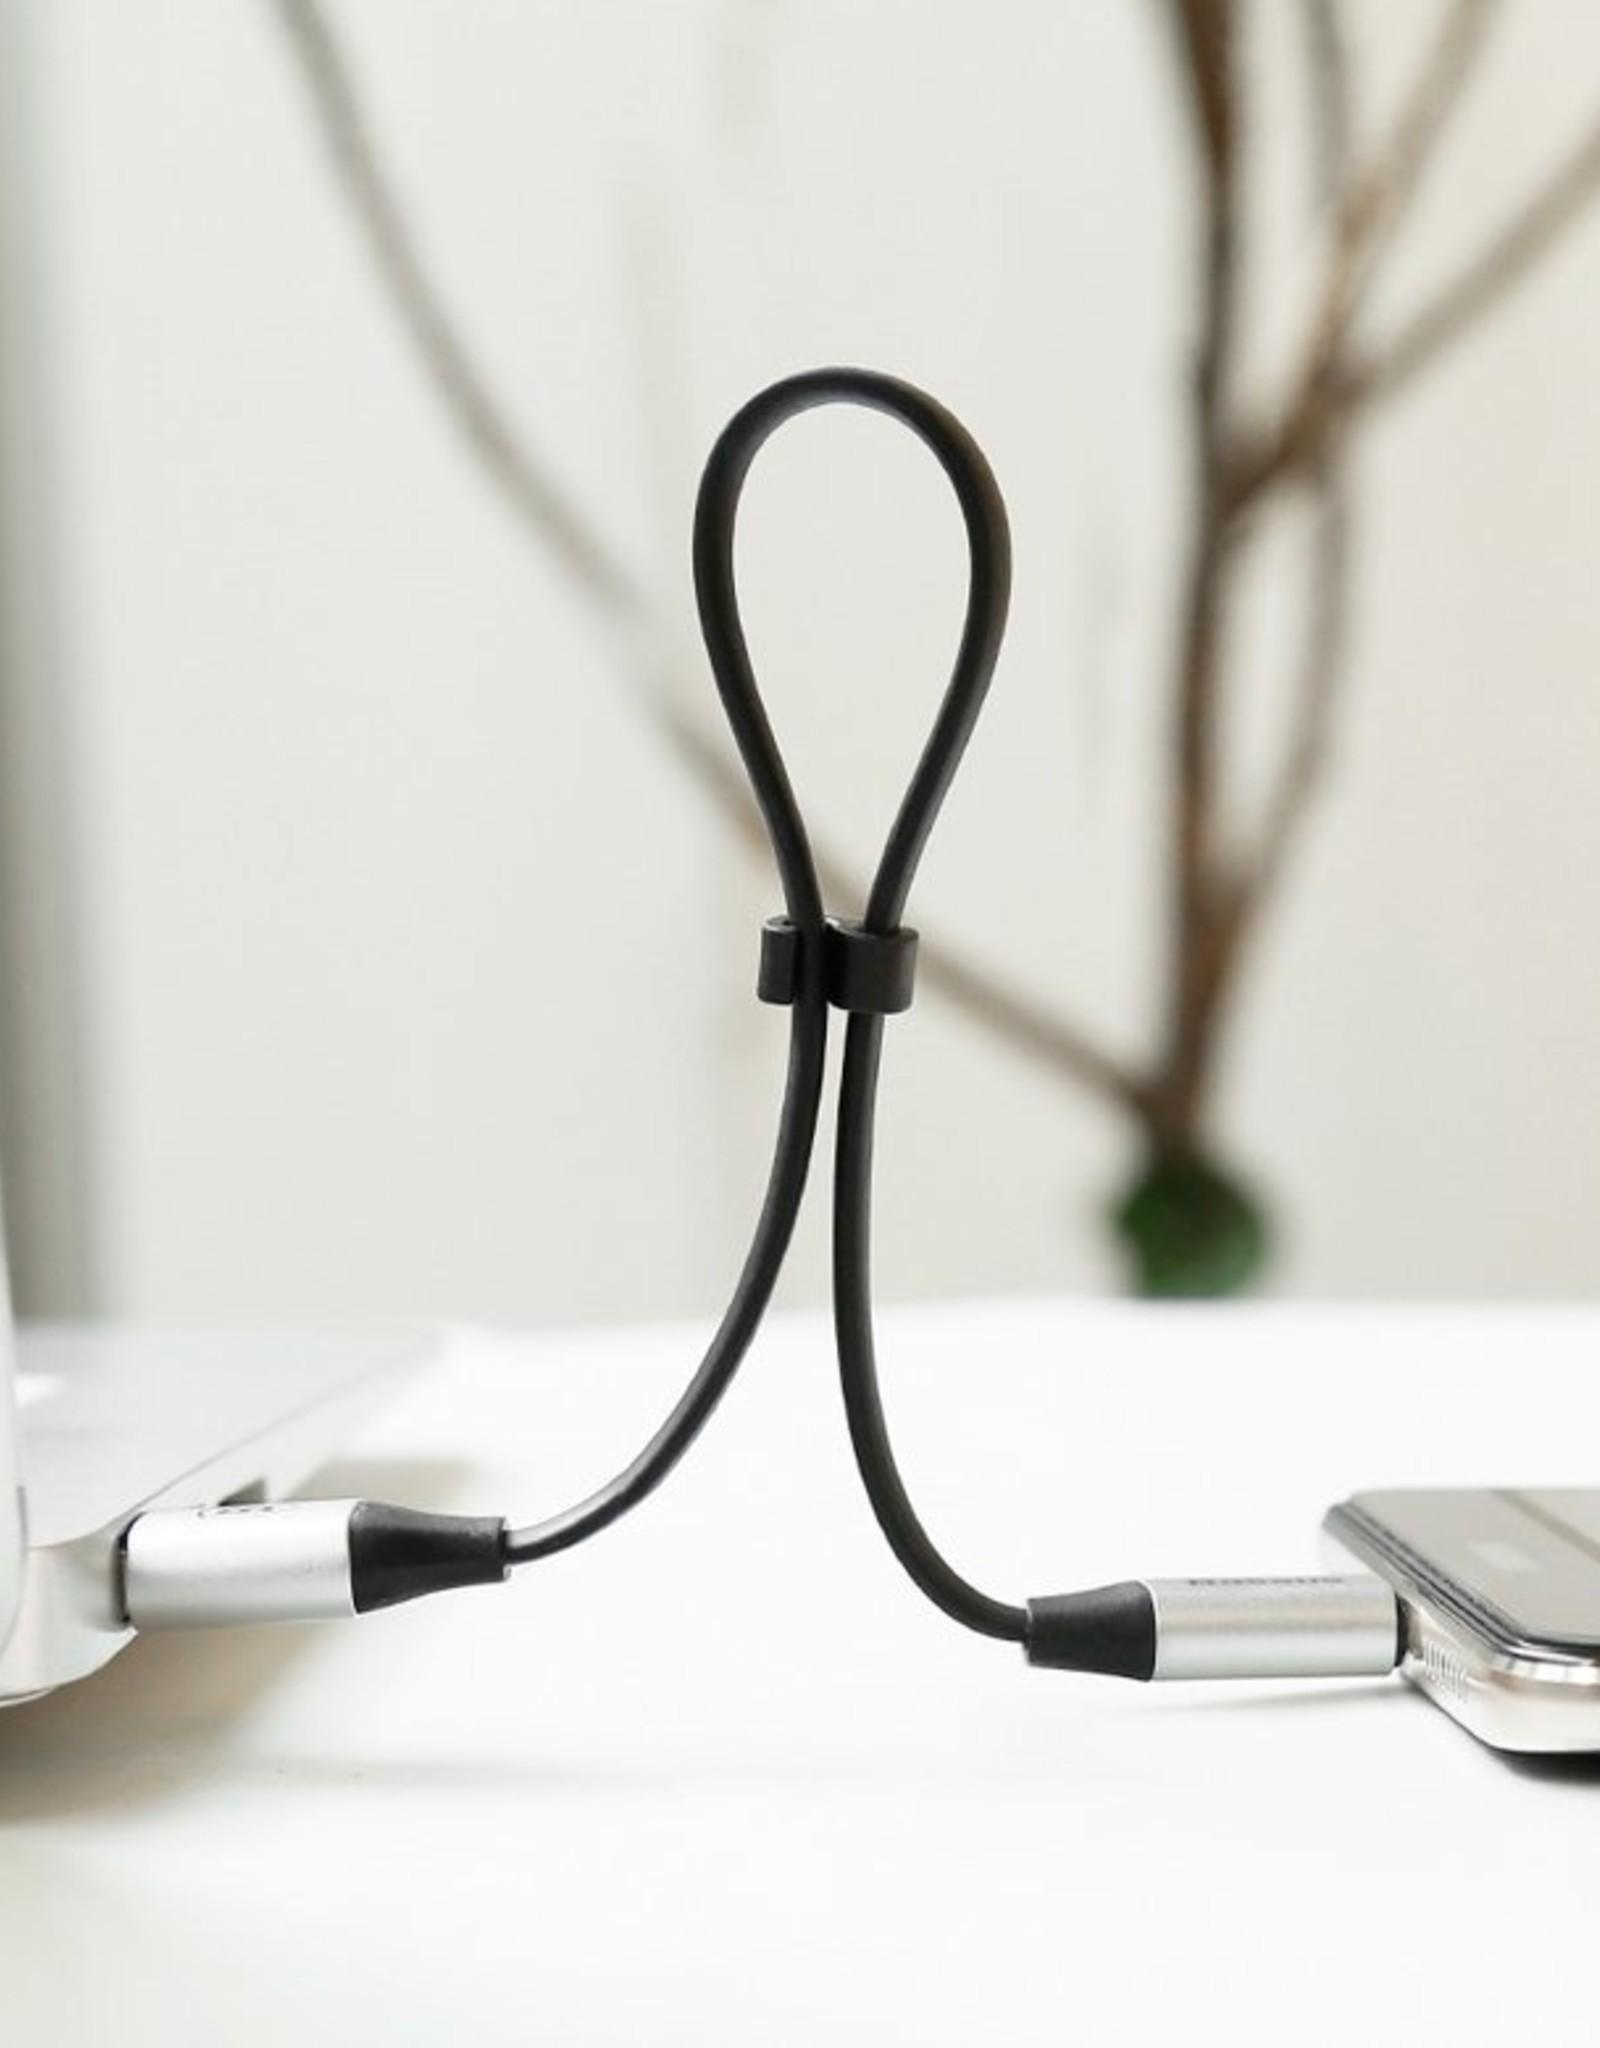 Basues Baseus Nimble Type-C Portable Cable 23CM Black